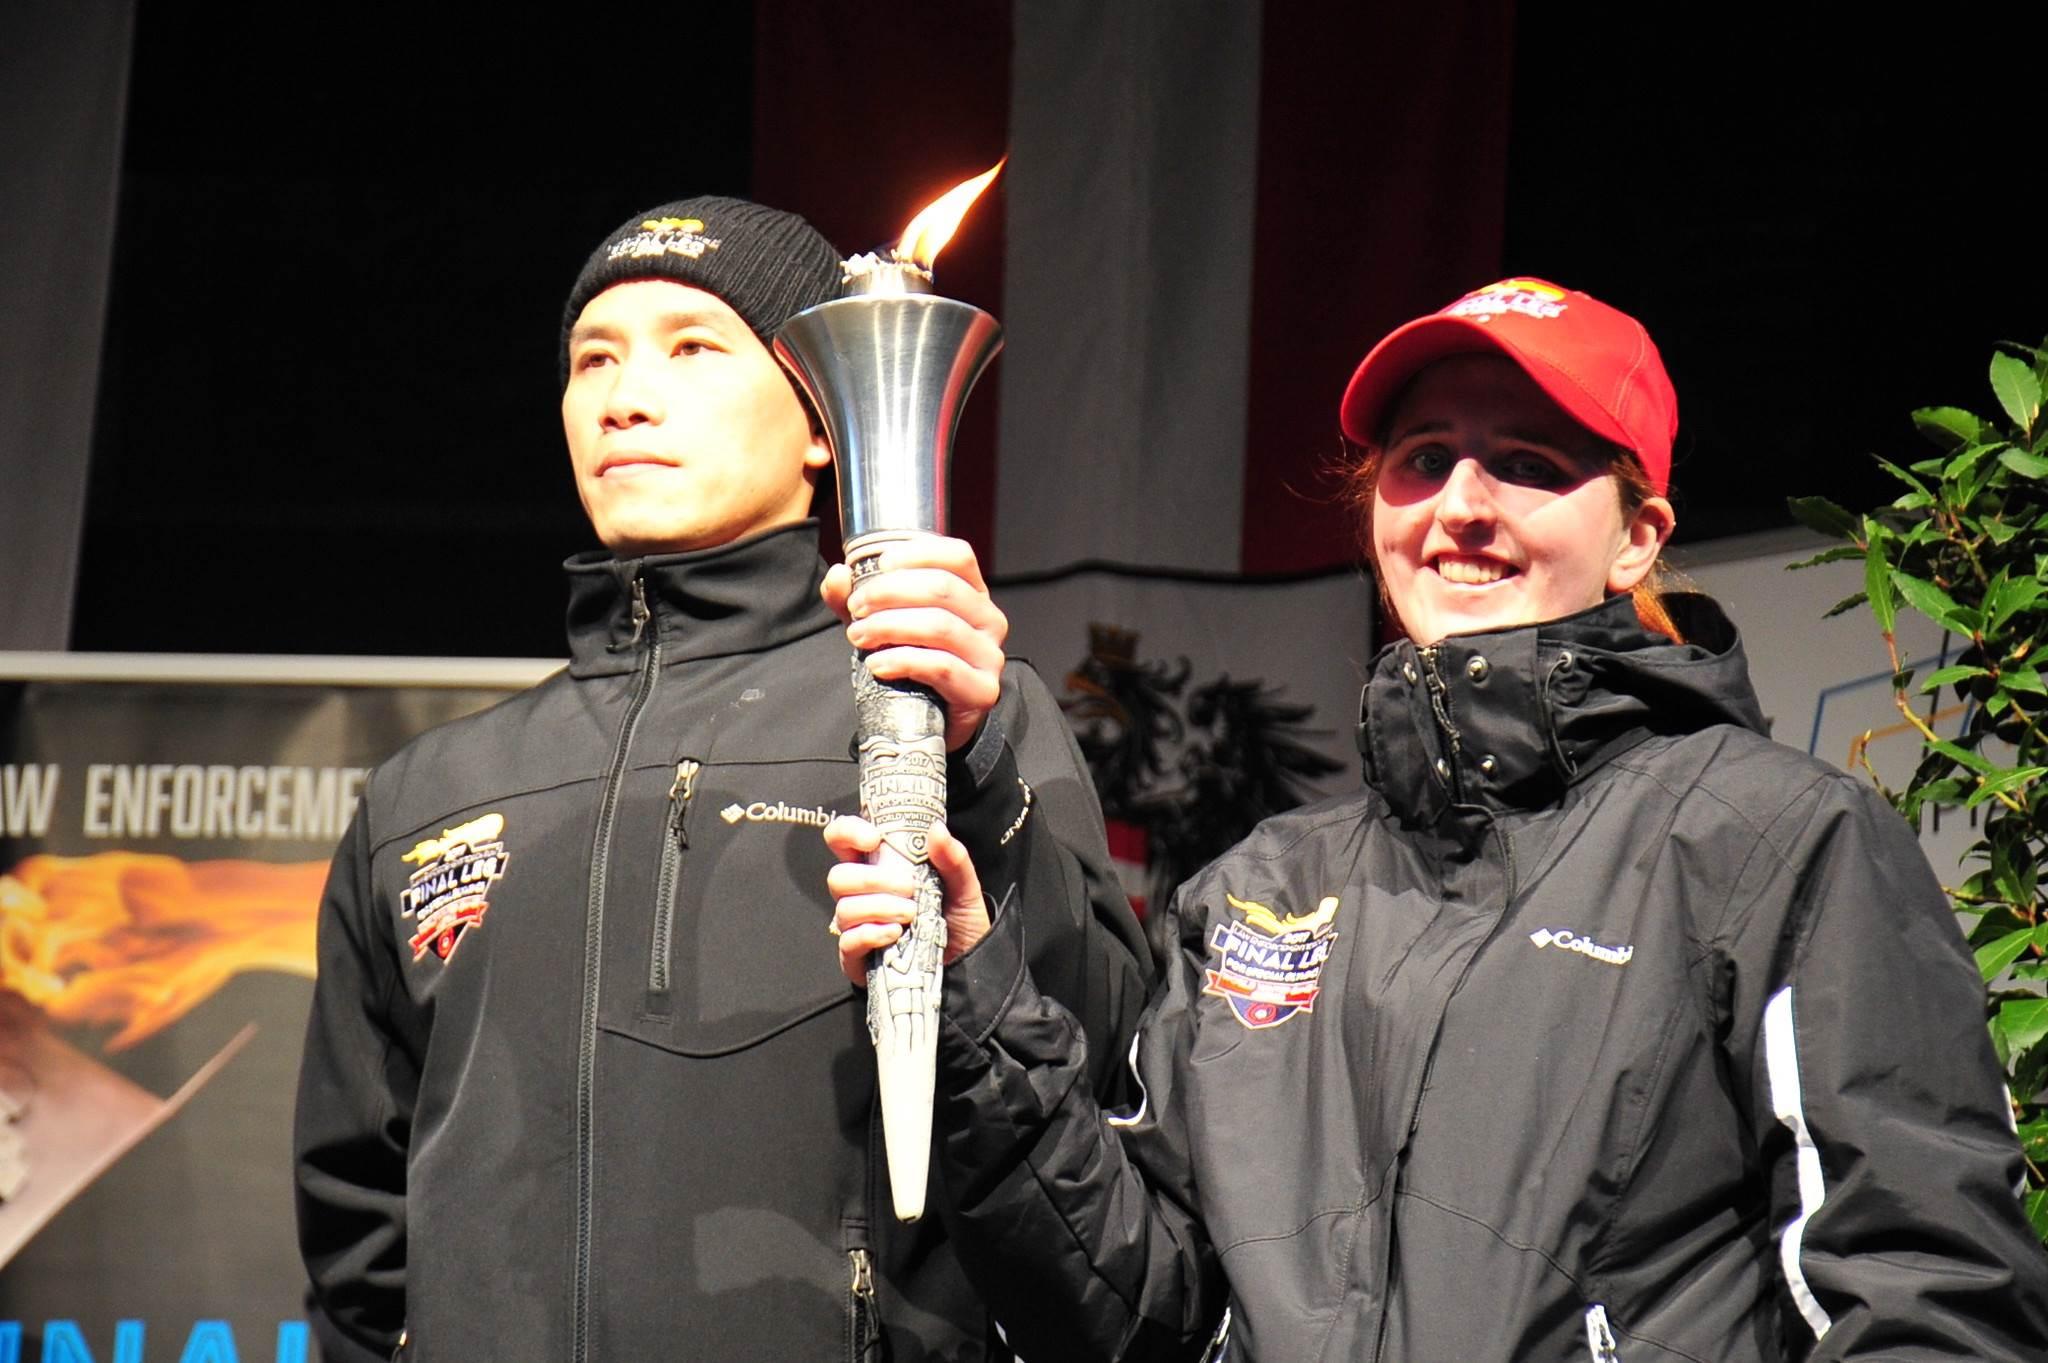 內政部警政署專員林軍廷代表台灣,前往奧地利參加傳遞火炬之盛會。